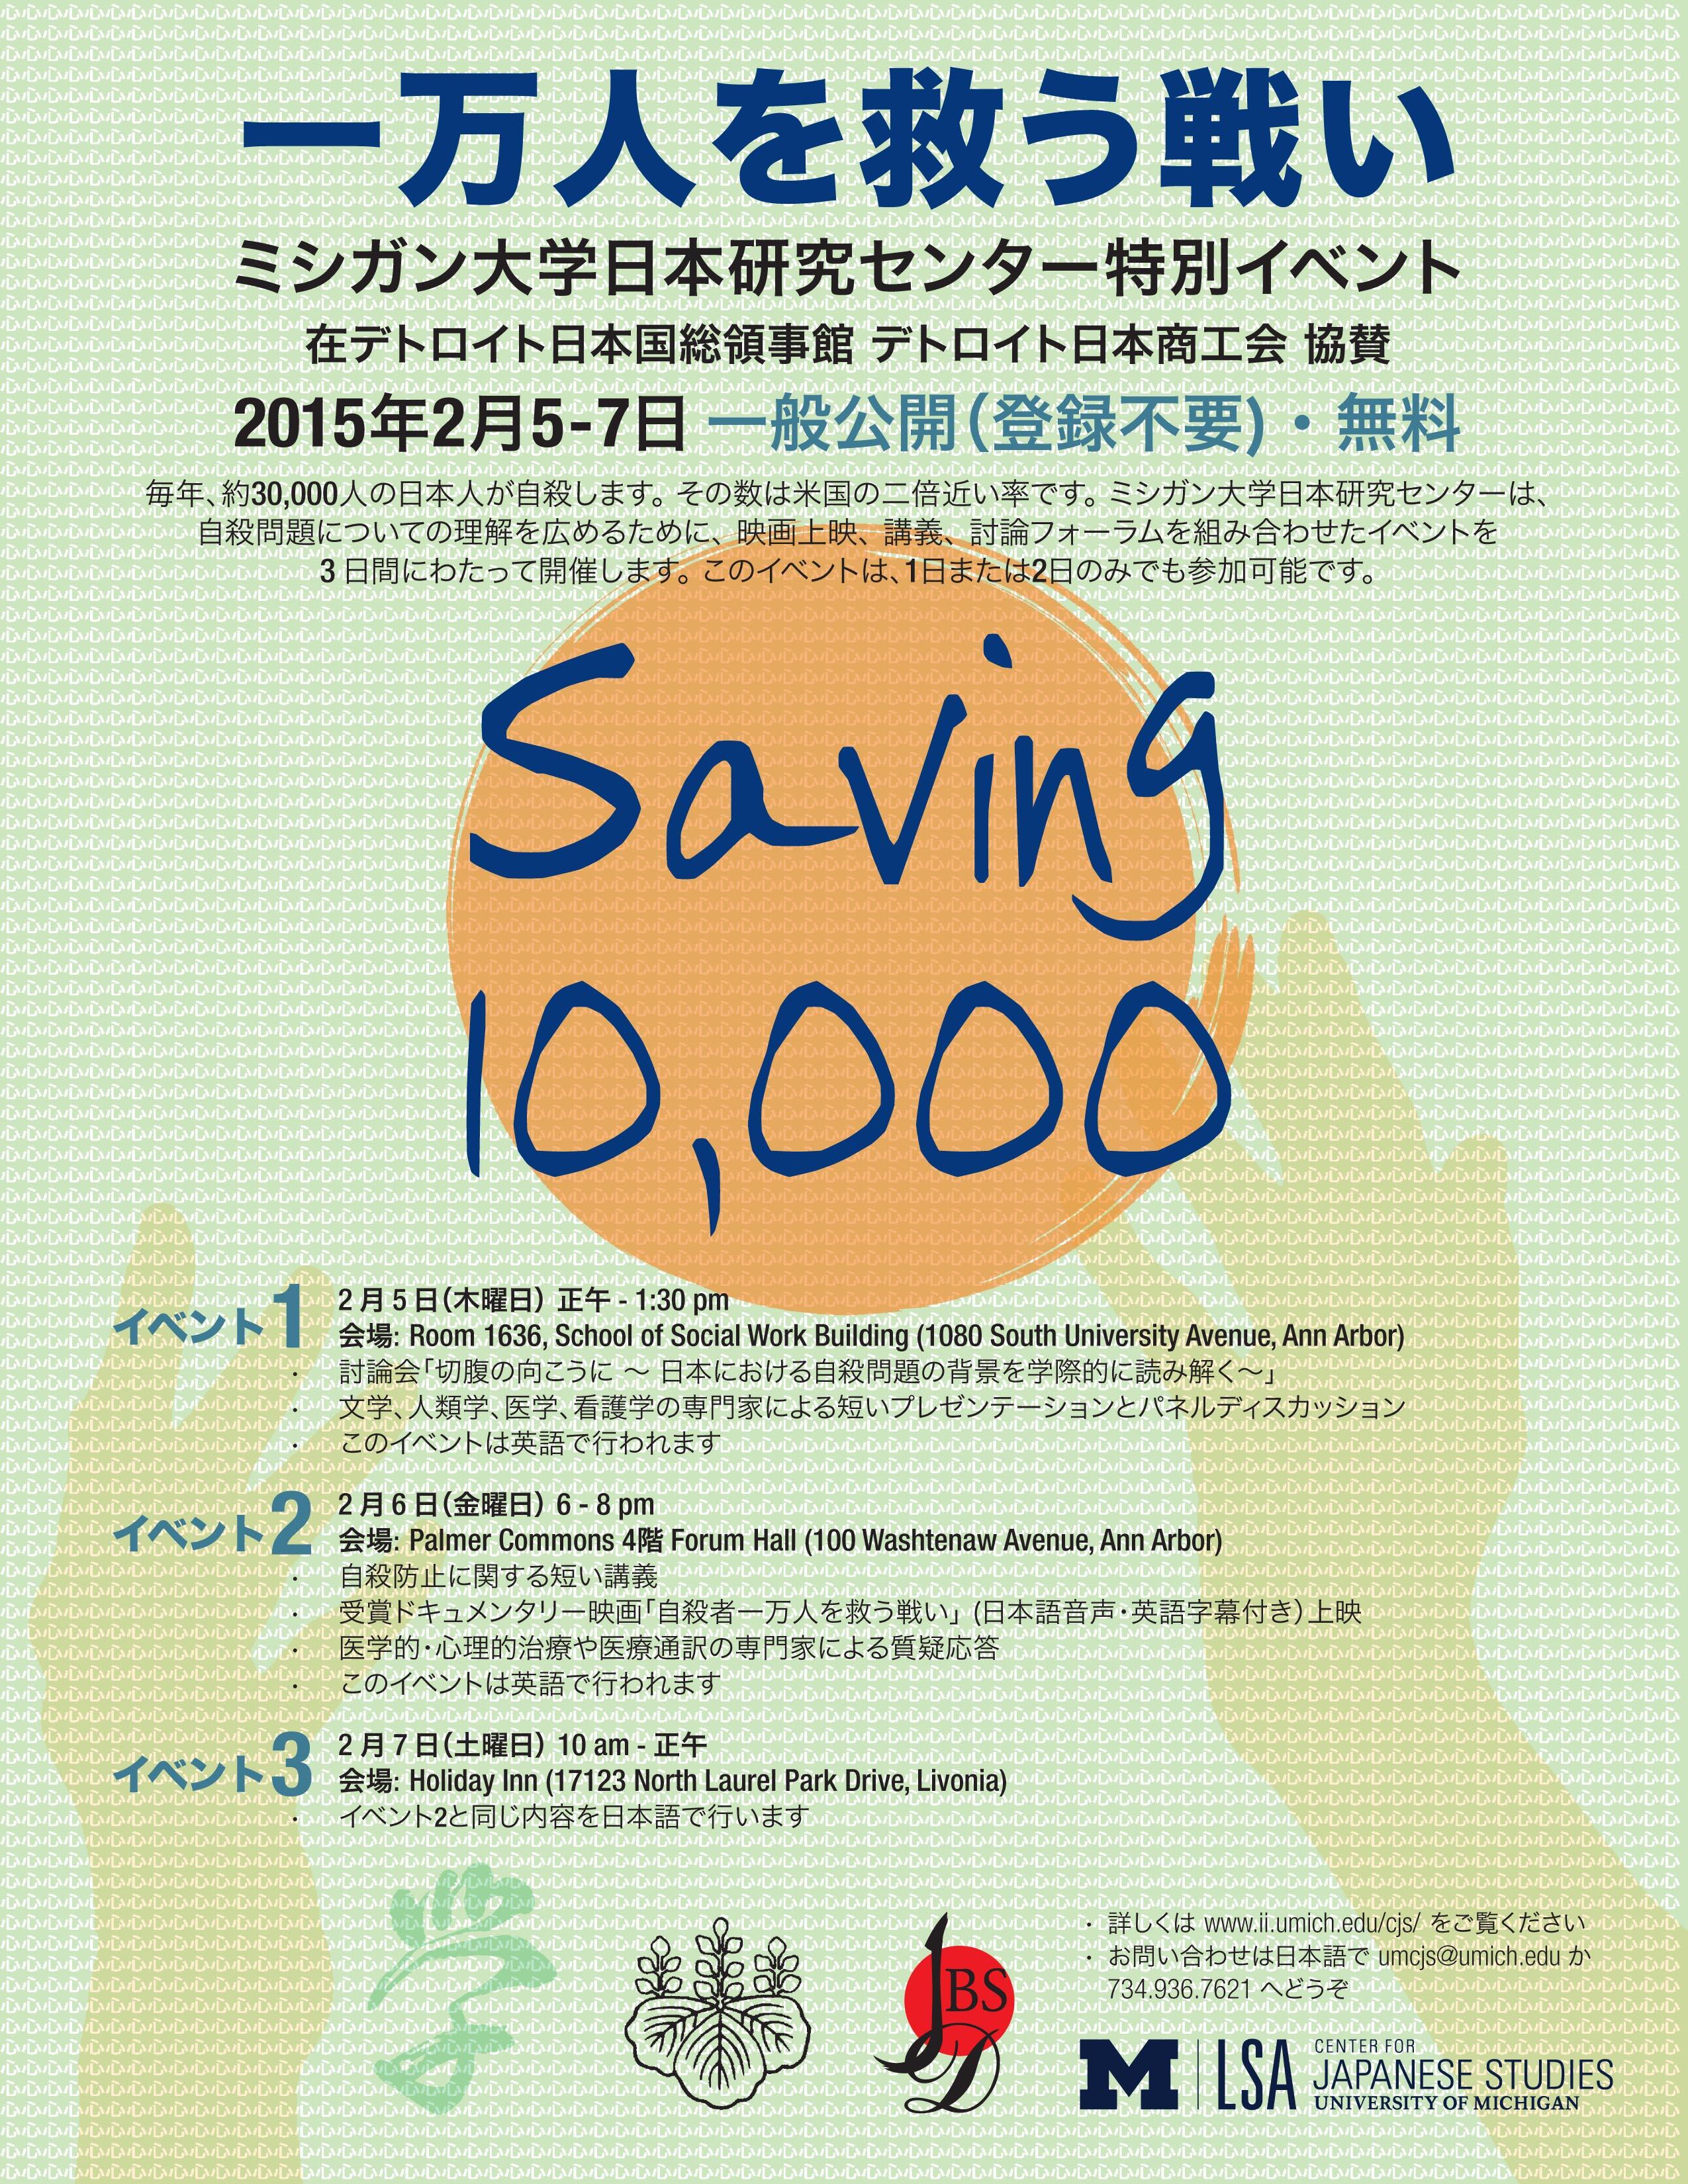 Saving 10,000